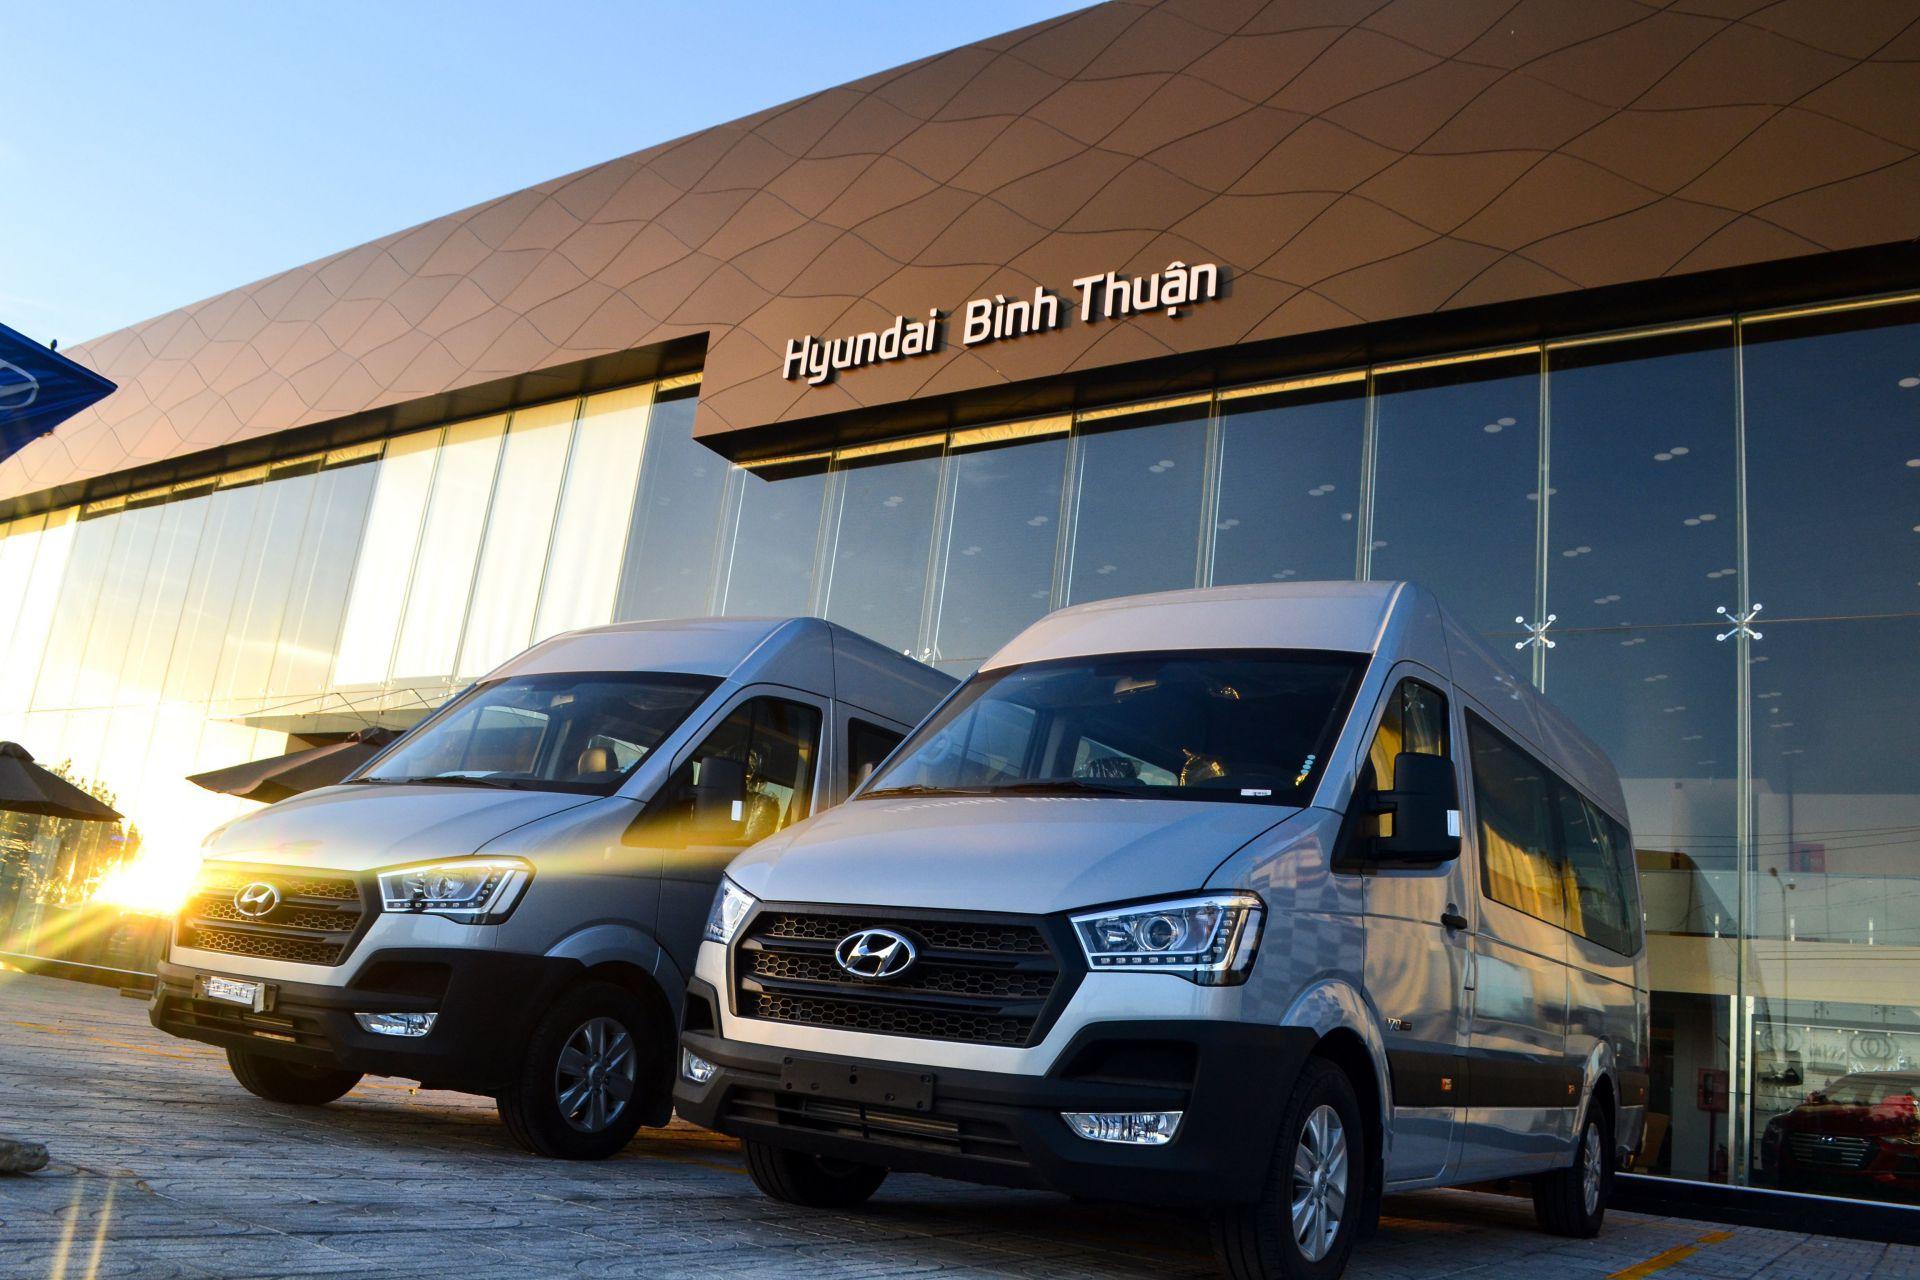 Giới Thiệu Hyundai Bình Thuận